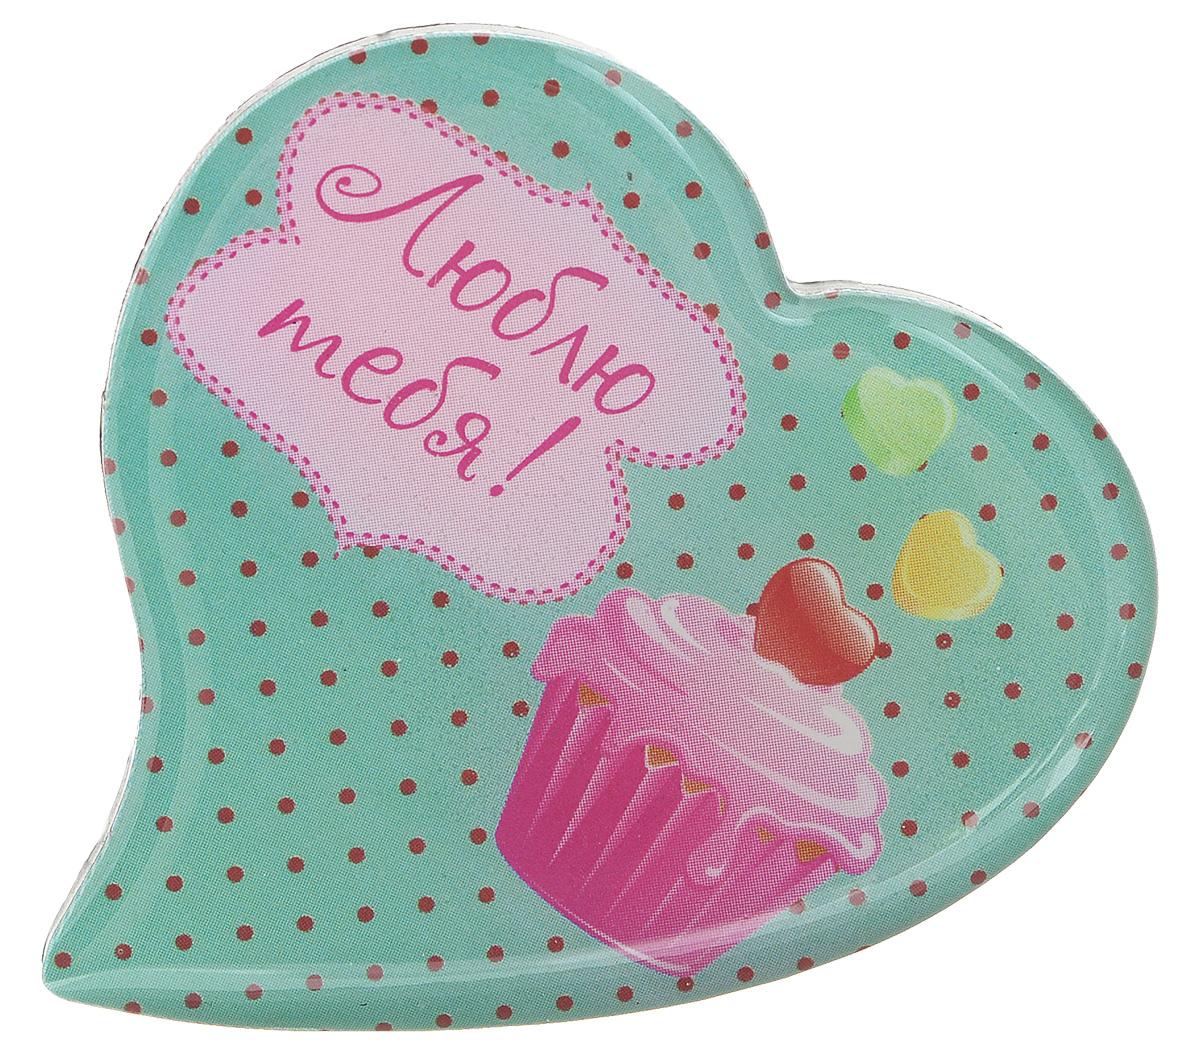 Магнит Феникс-презент Люблю тебя!, 5 x 5 см 2717927179Магнит в форме сердца Феникс-презент Люблю тебя!, выполненный из агломерированного феррита, станет приятным штрихом в повседневной жизни. Оригинальный магнит, декорированный изображением пирожного, поможет вам украсить не только холодильник, но и любую другую магнитную поверхность. Материал: агломерированный феррит.